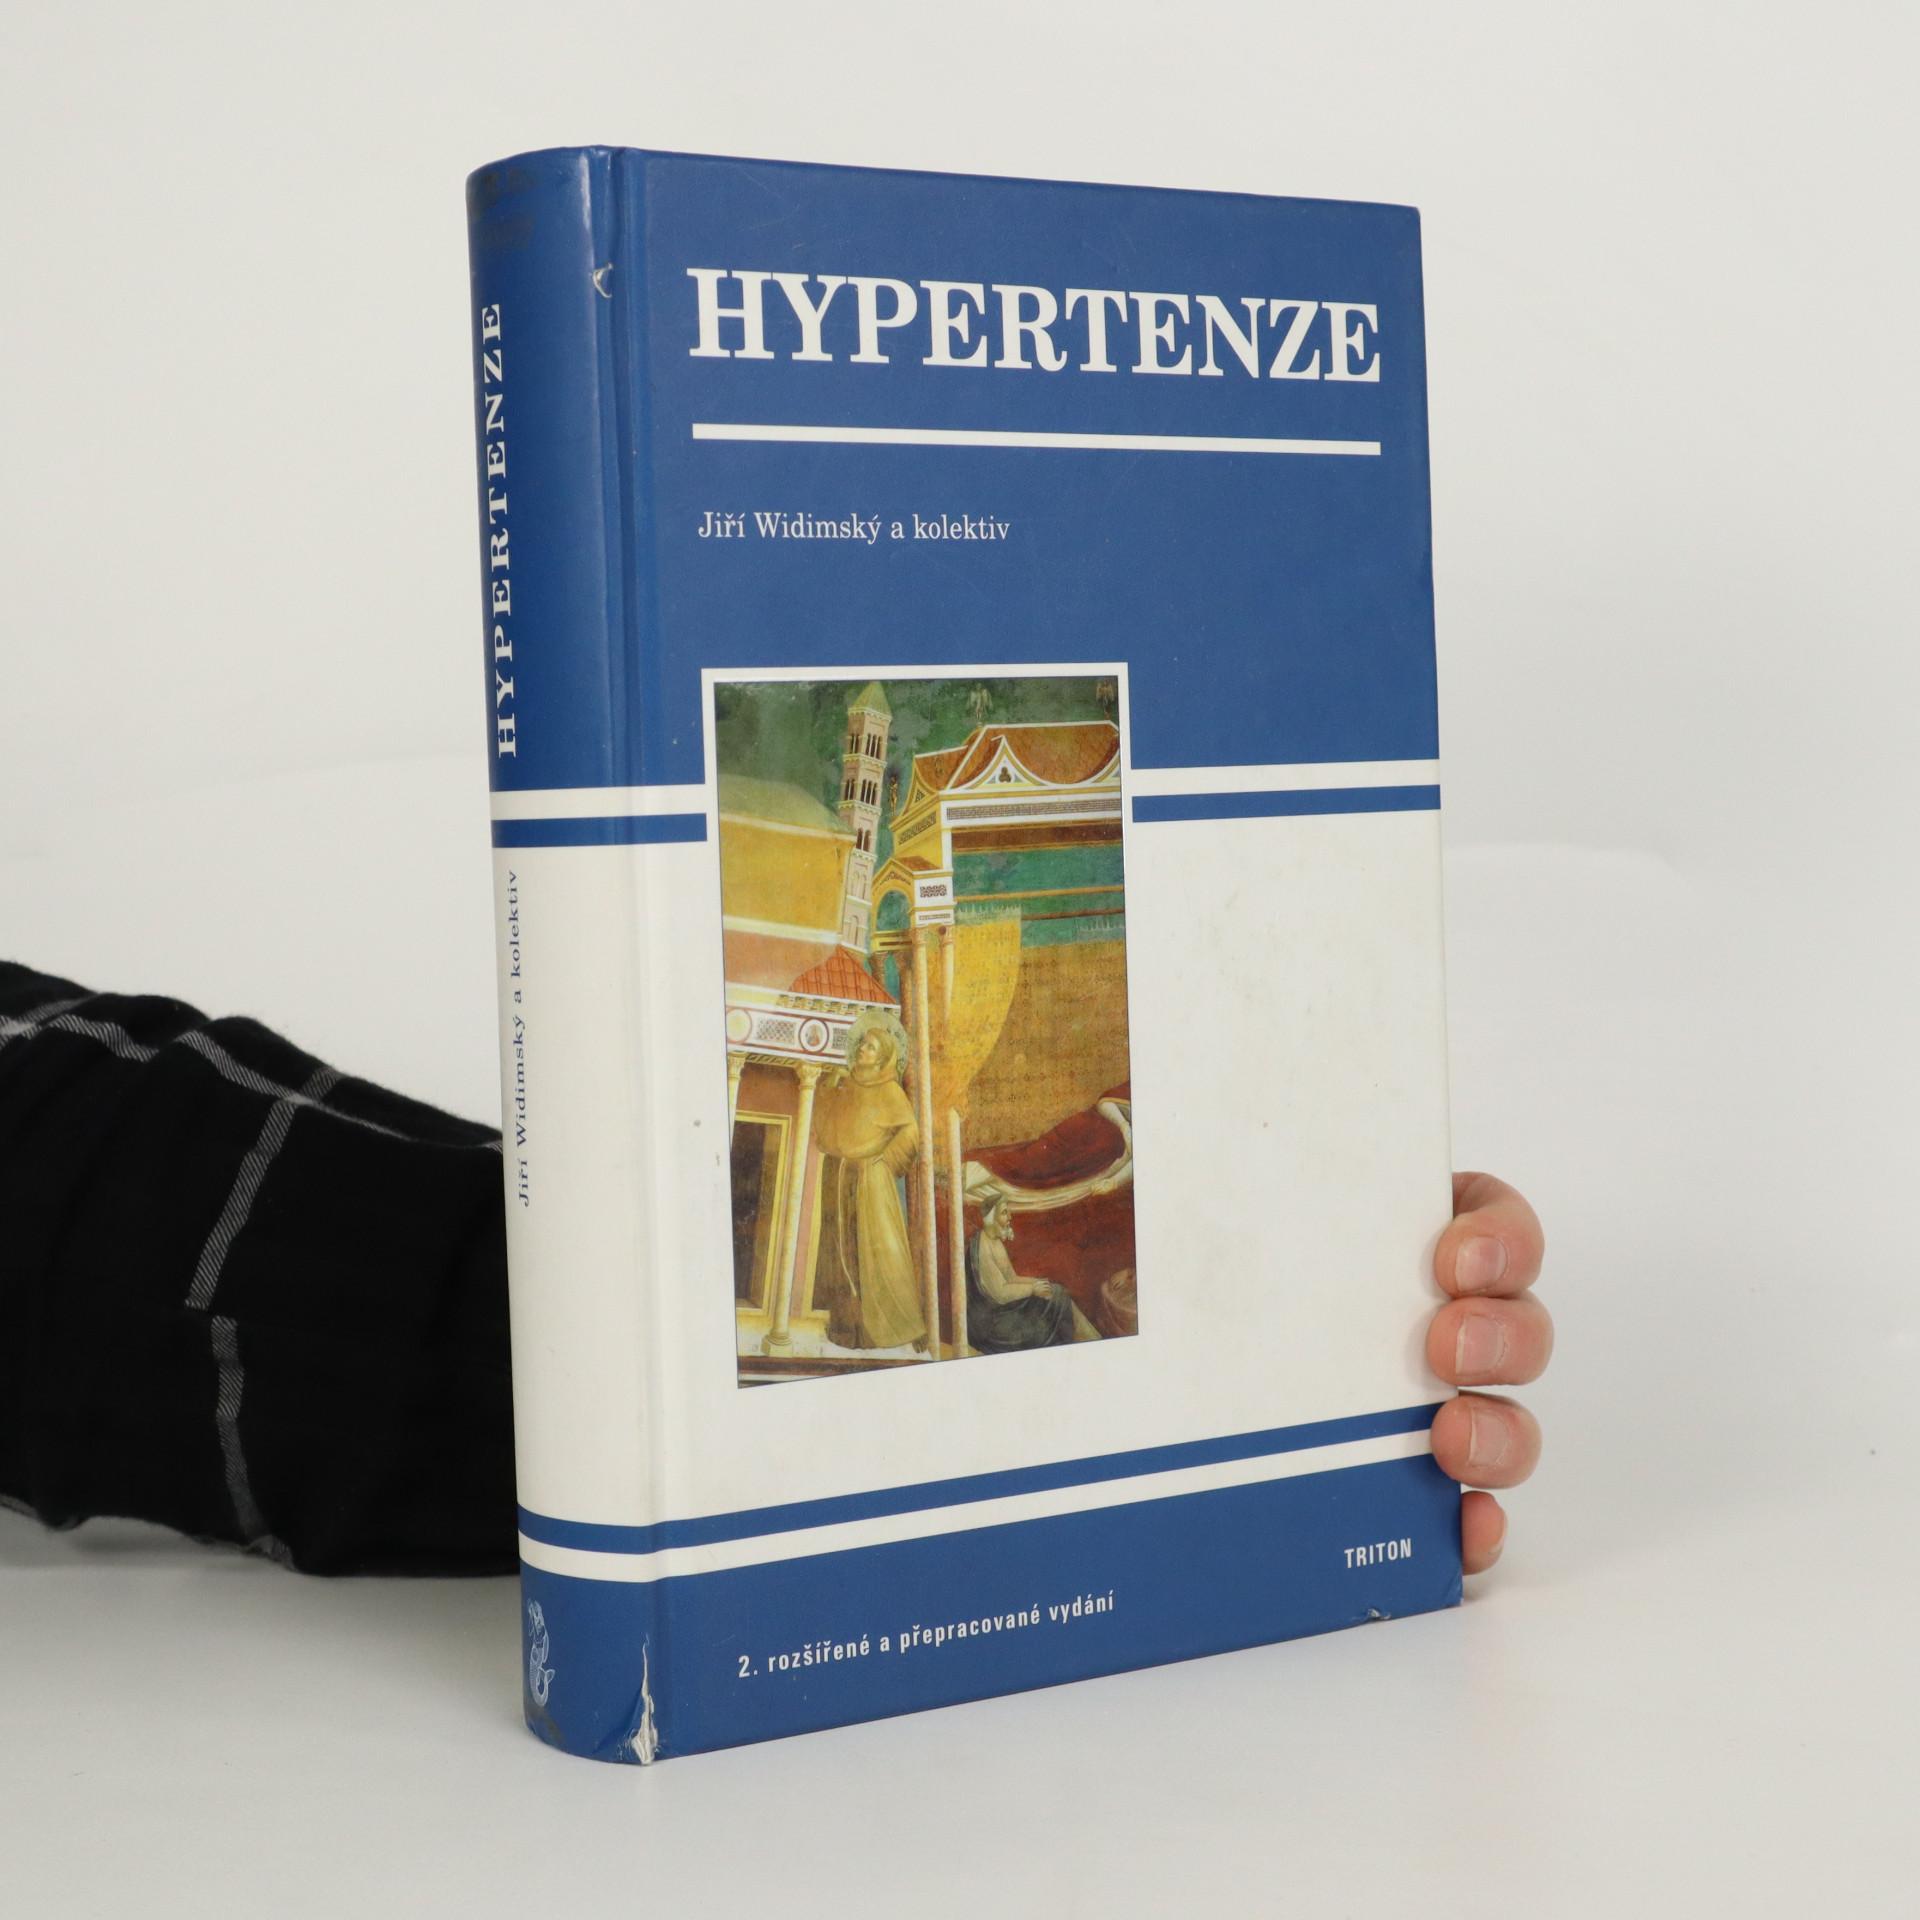 antikvární kniha Hypertenze, 2004